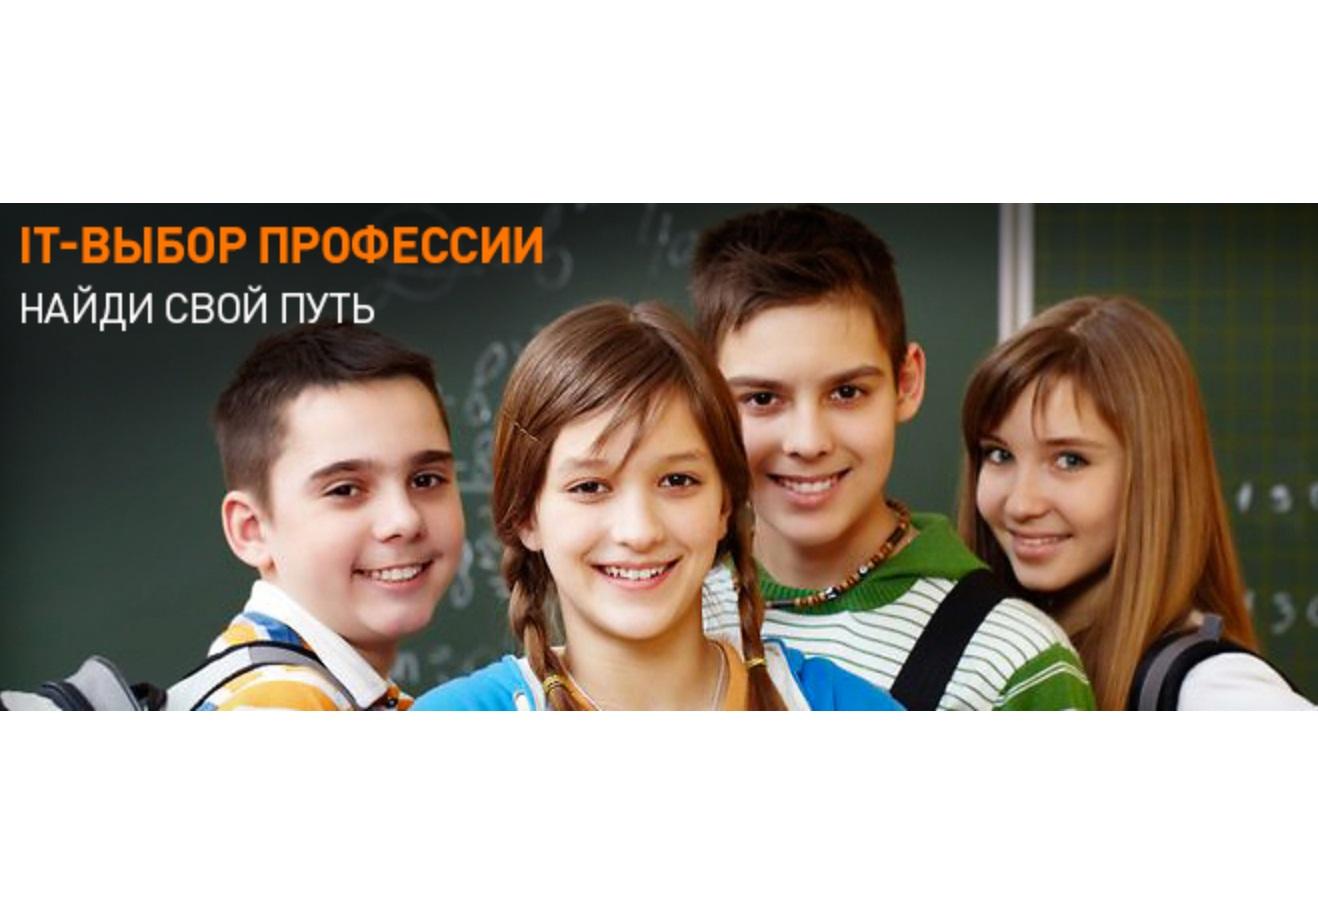 Конкурс школьных интернет проектов